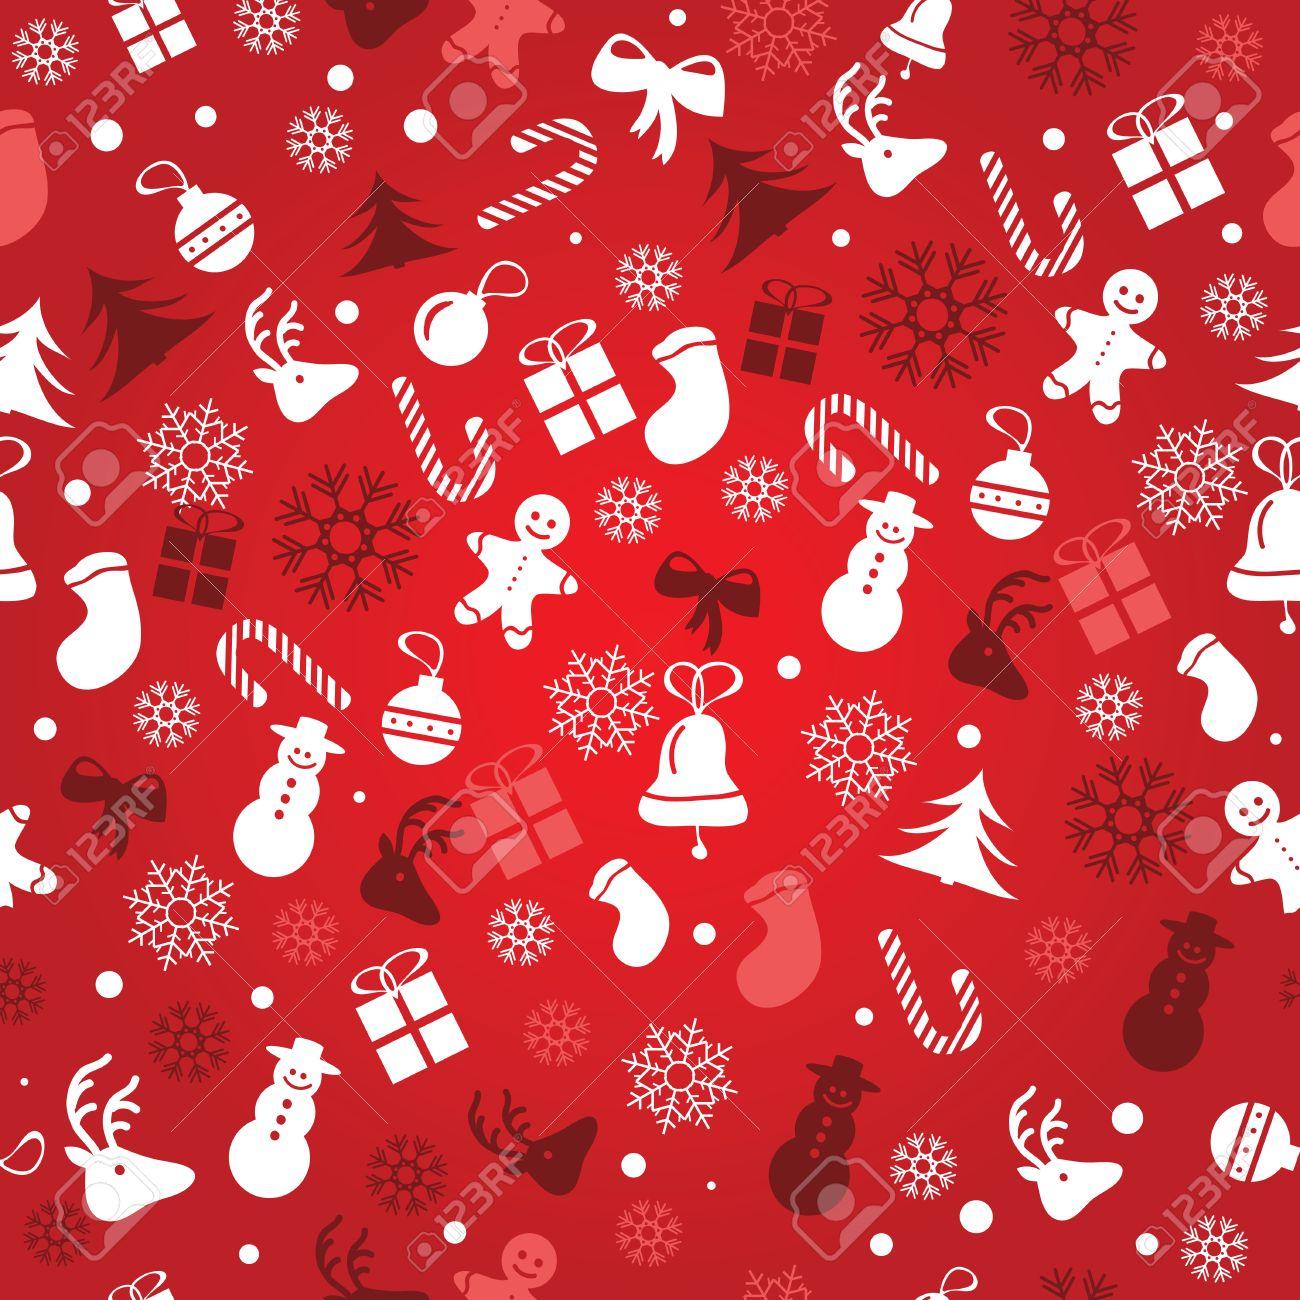 34192907 Weihnachten Hintergrund nahtlose Fliesen gute Wahl f r Geschenkpapier Muster Vektor Lizenzfreie Bilder